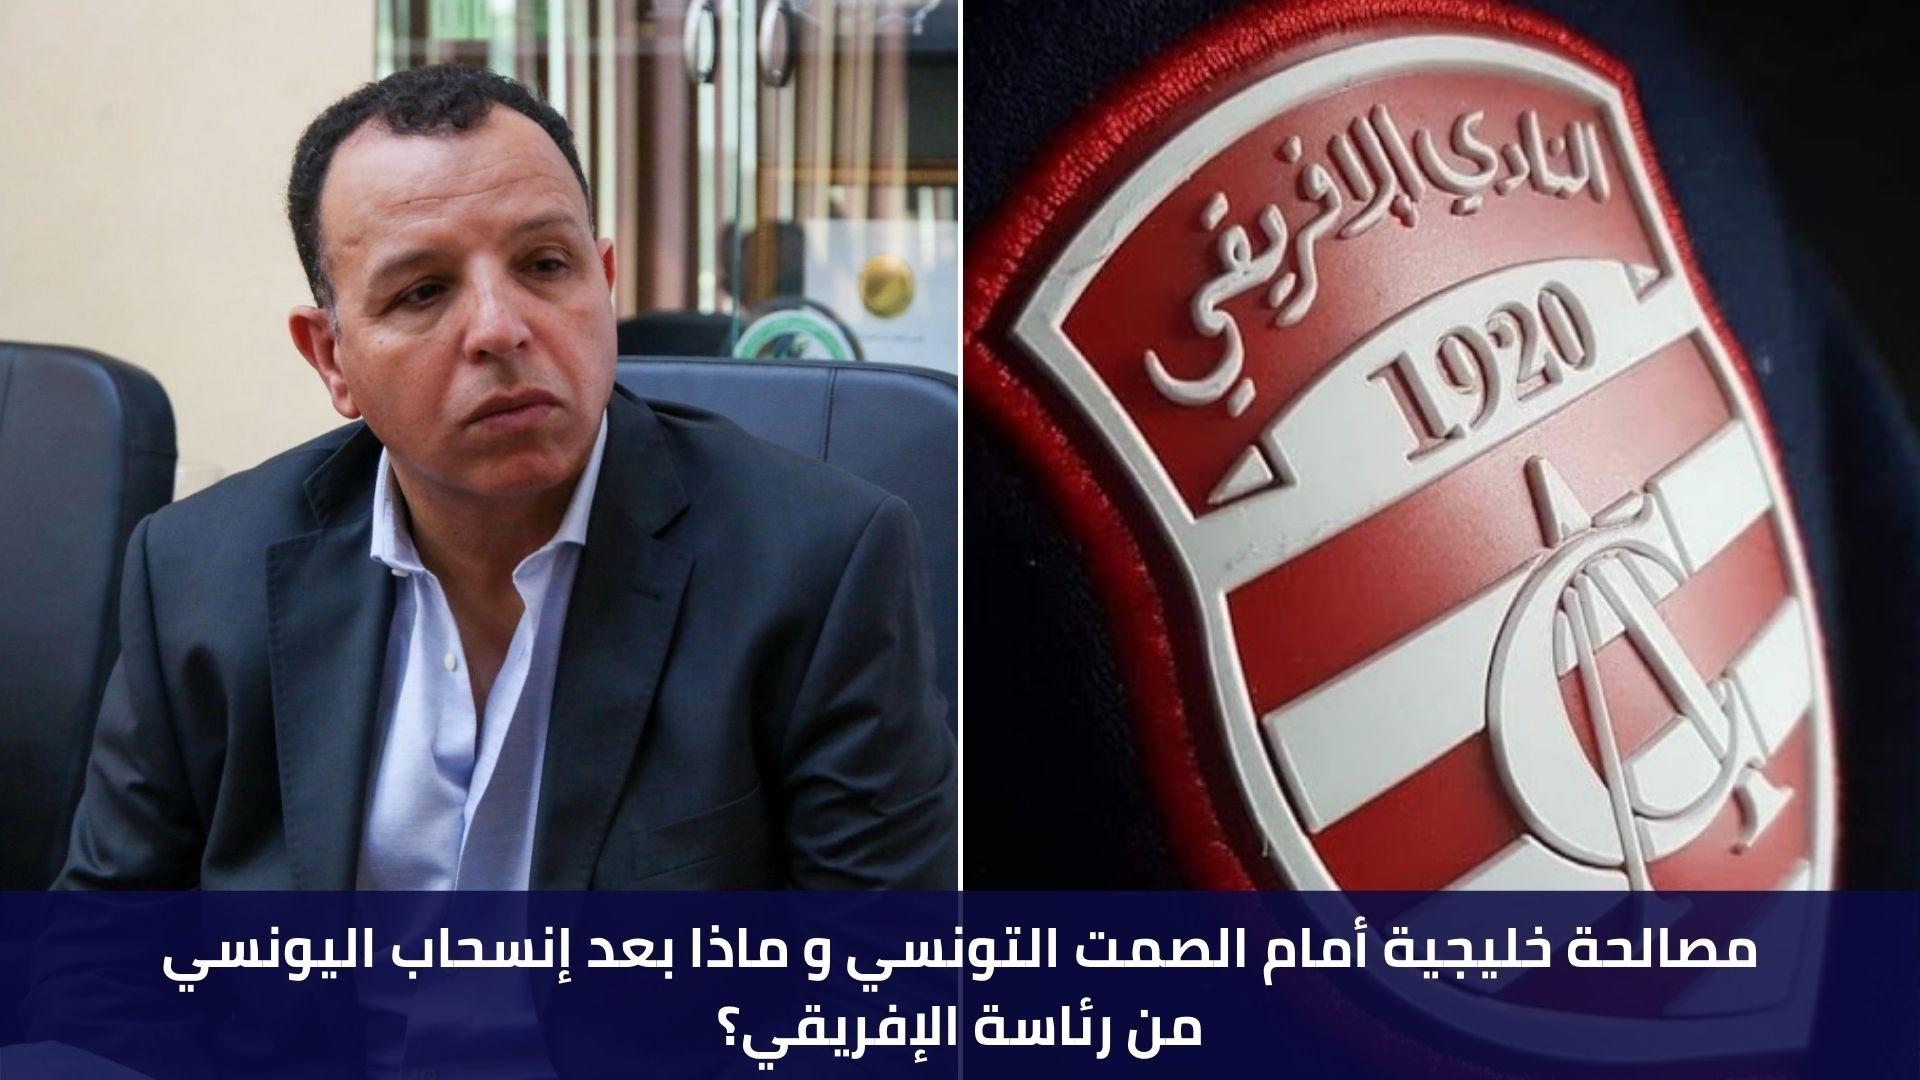 مصالحة خليجية أمام الصمت التونسي و ماذا بعد إنسحاب اليونسي من رئاسة الإفريقي؟